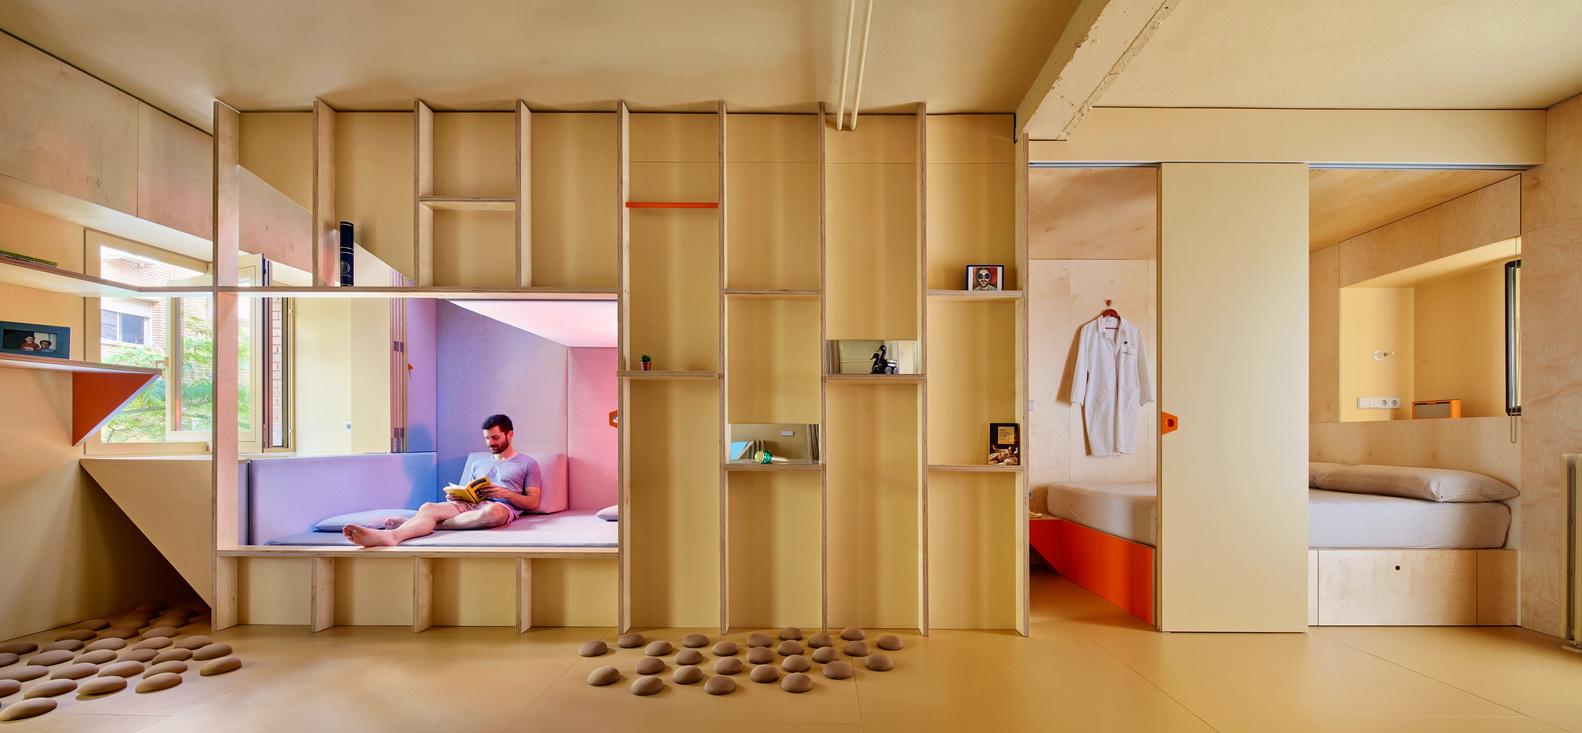 Xu hướng thiết kế kết hợp kiến trúc và nội thất để định hình không gian